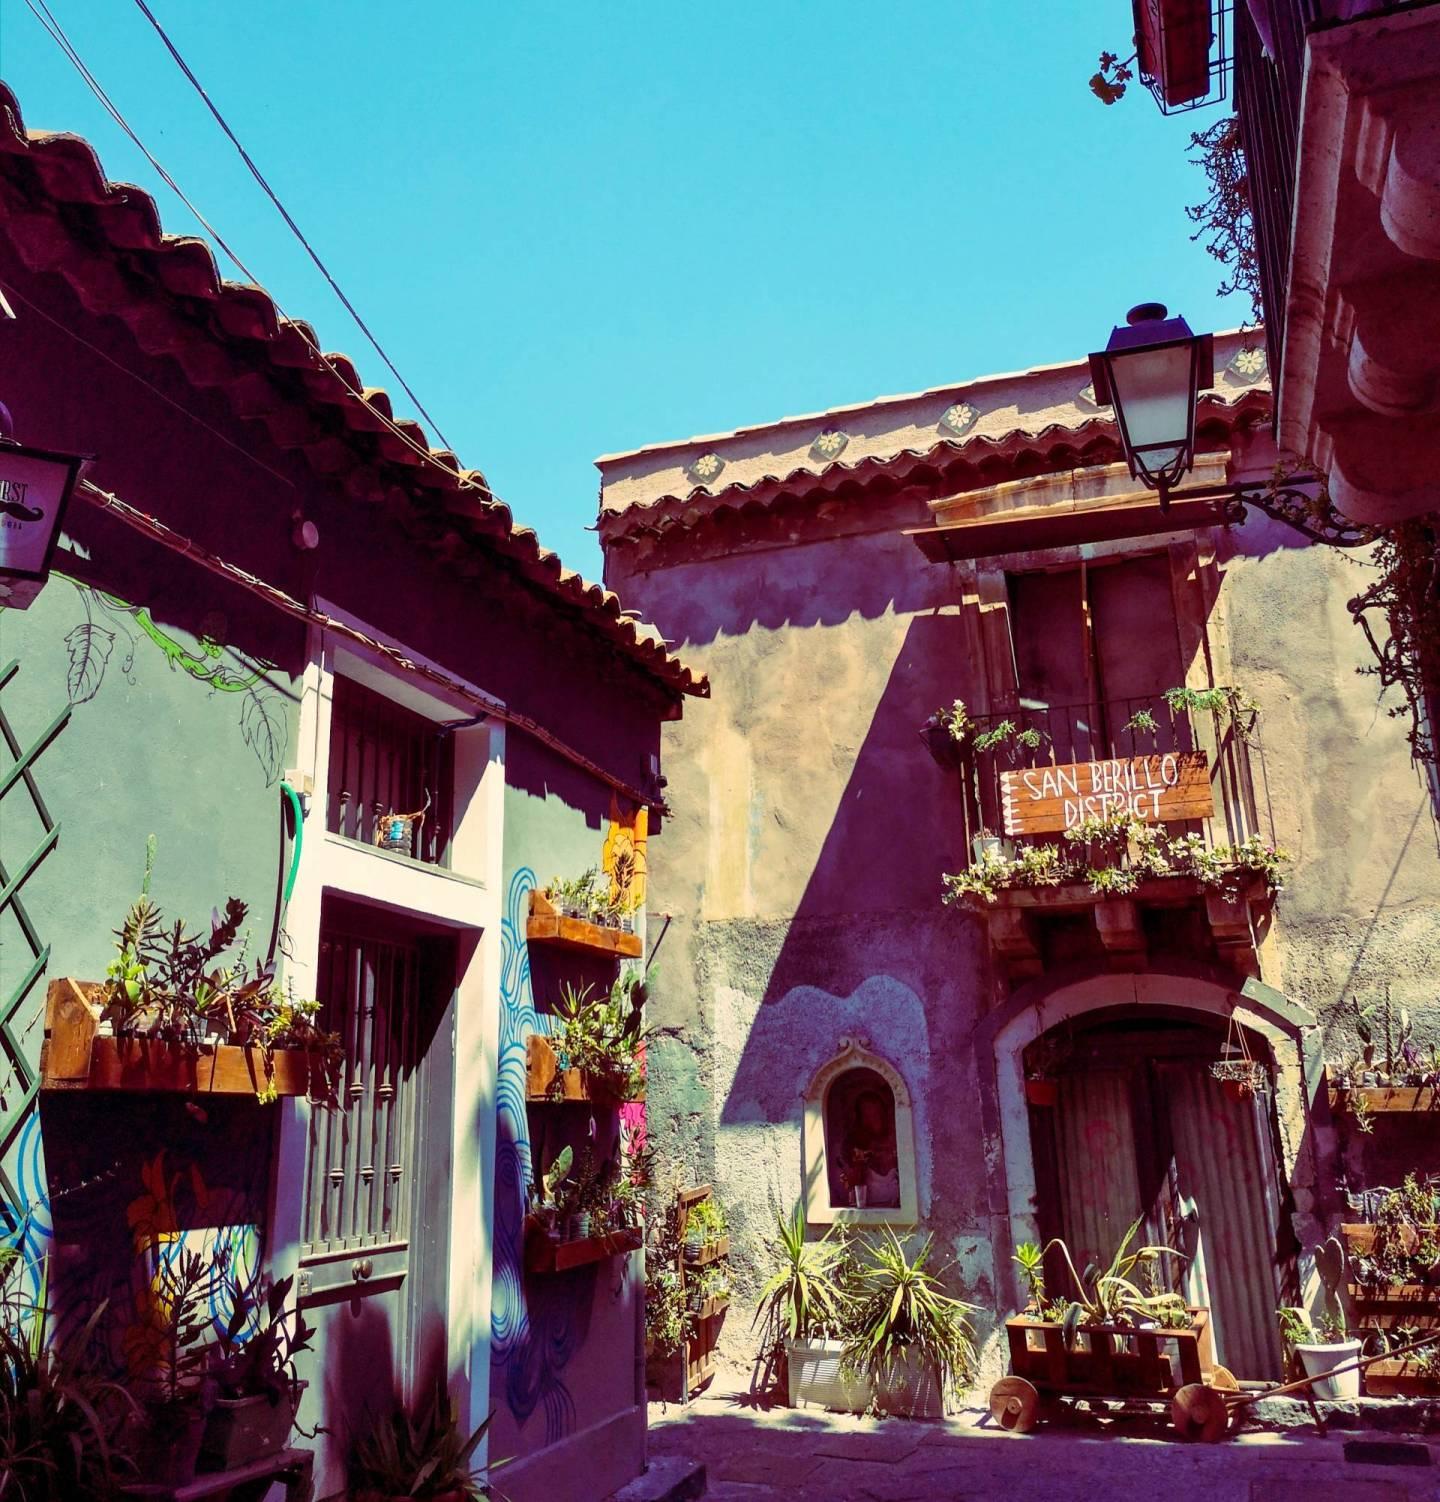 Quartiere-di-San-Berillo-Catania